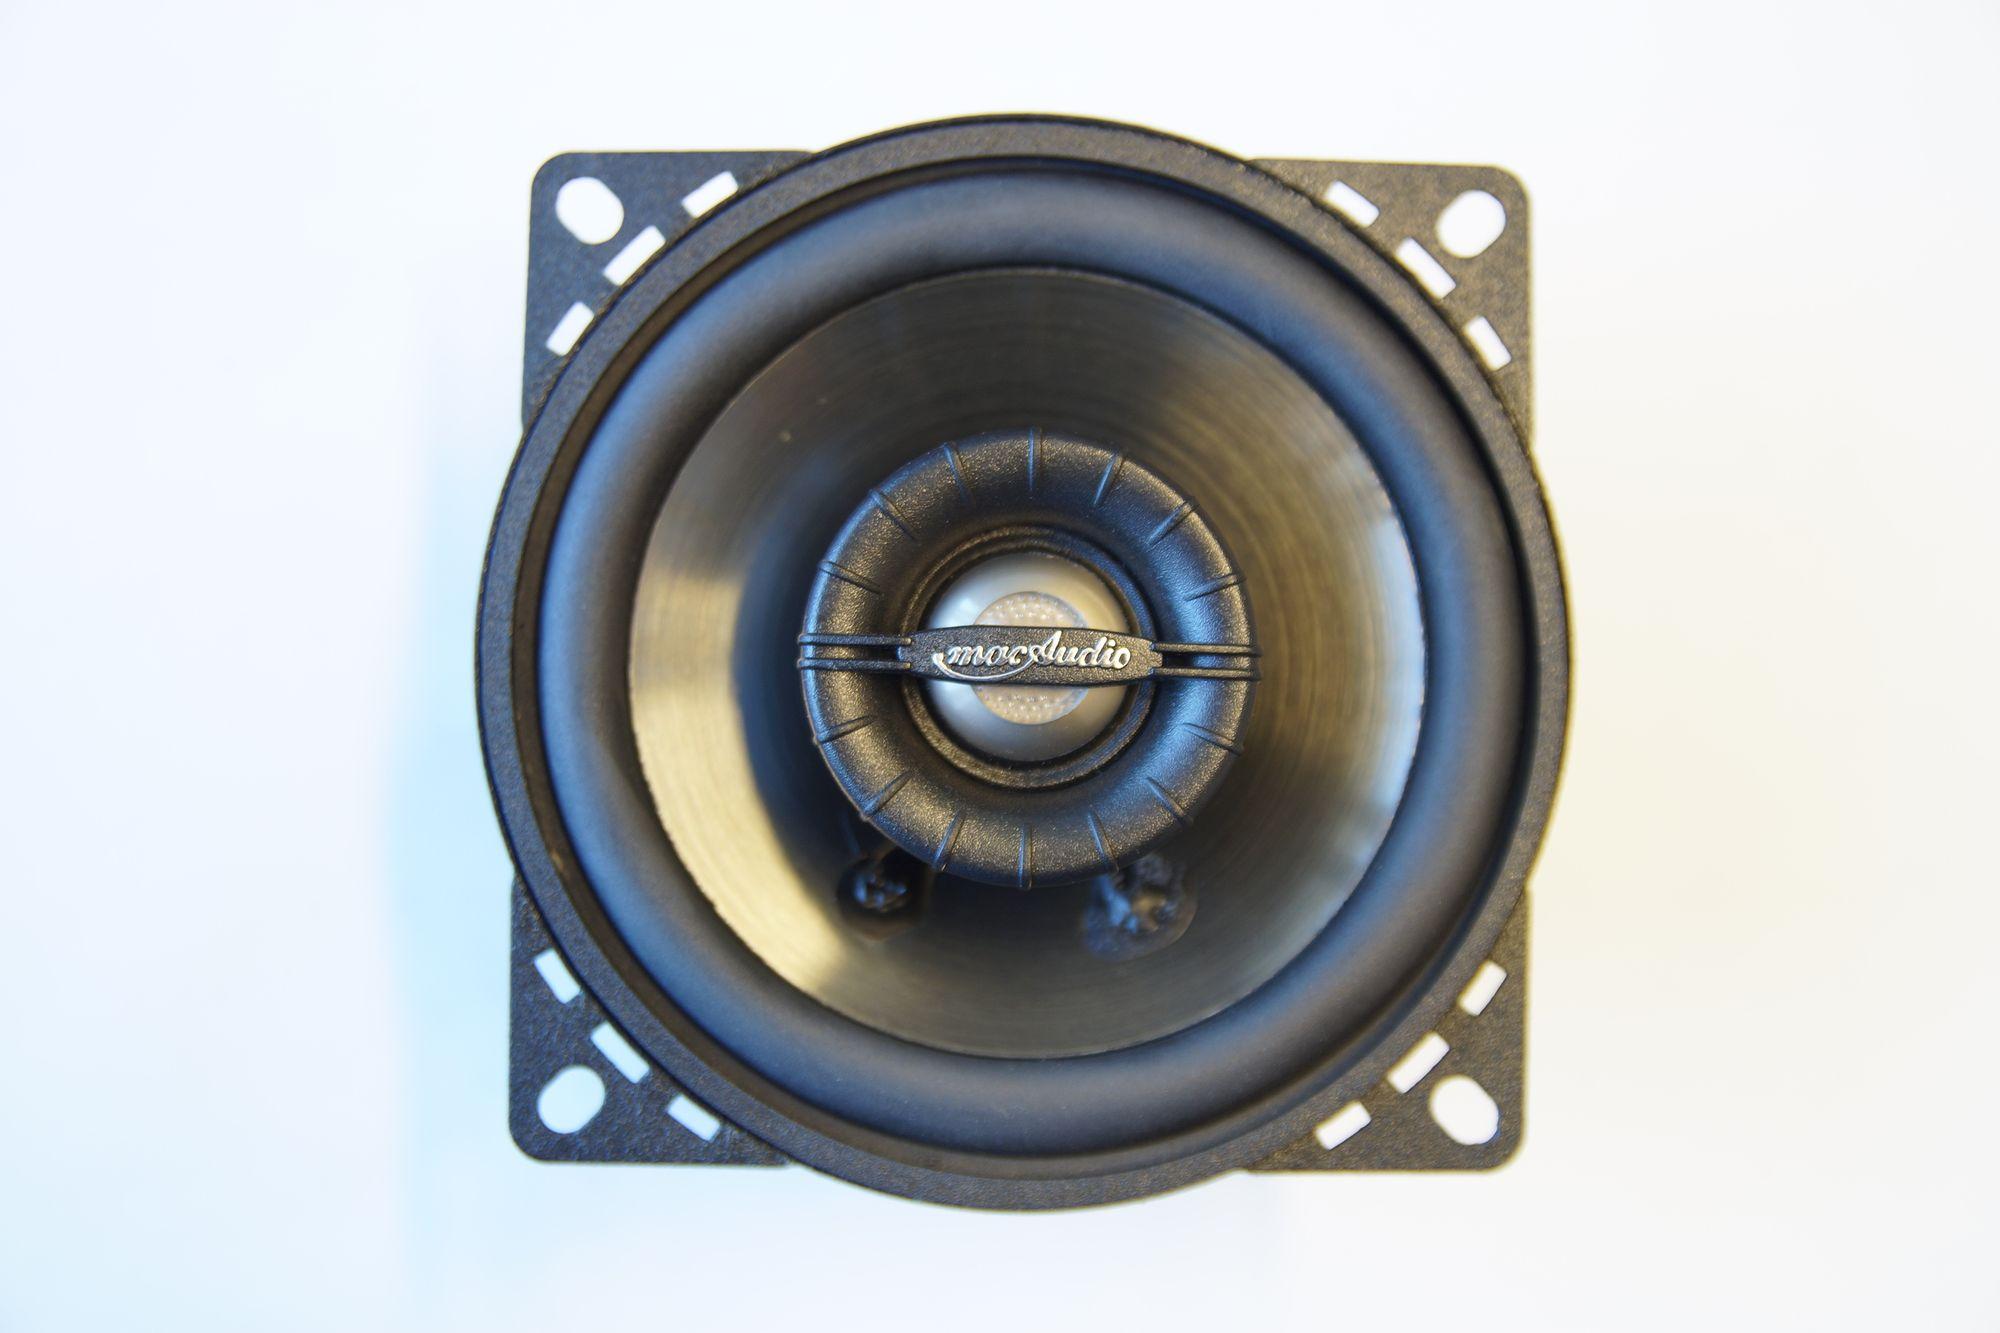 1 Paar mac Audio Mac Iron 10.2, 100 mm 2-Wege Koax, 80 Watt max., NEU, Serviceware